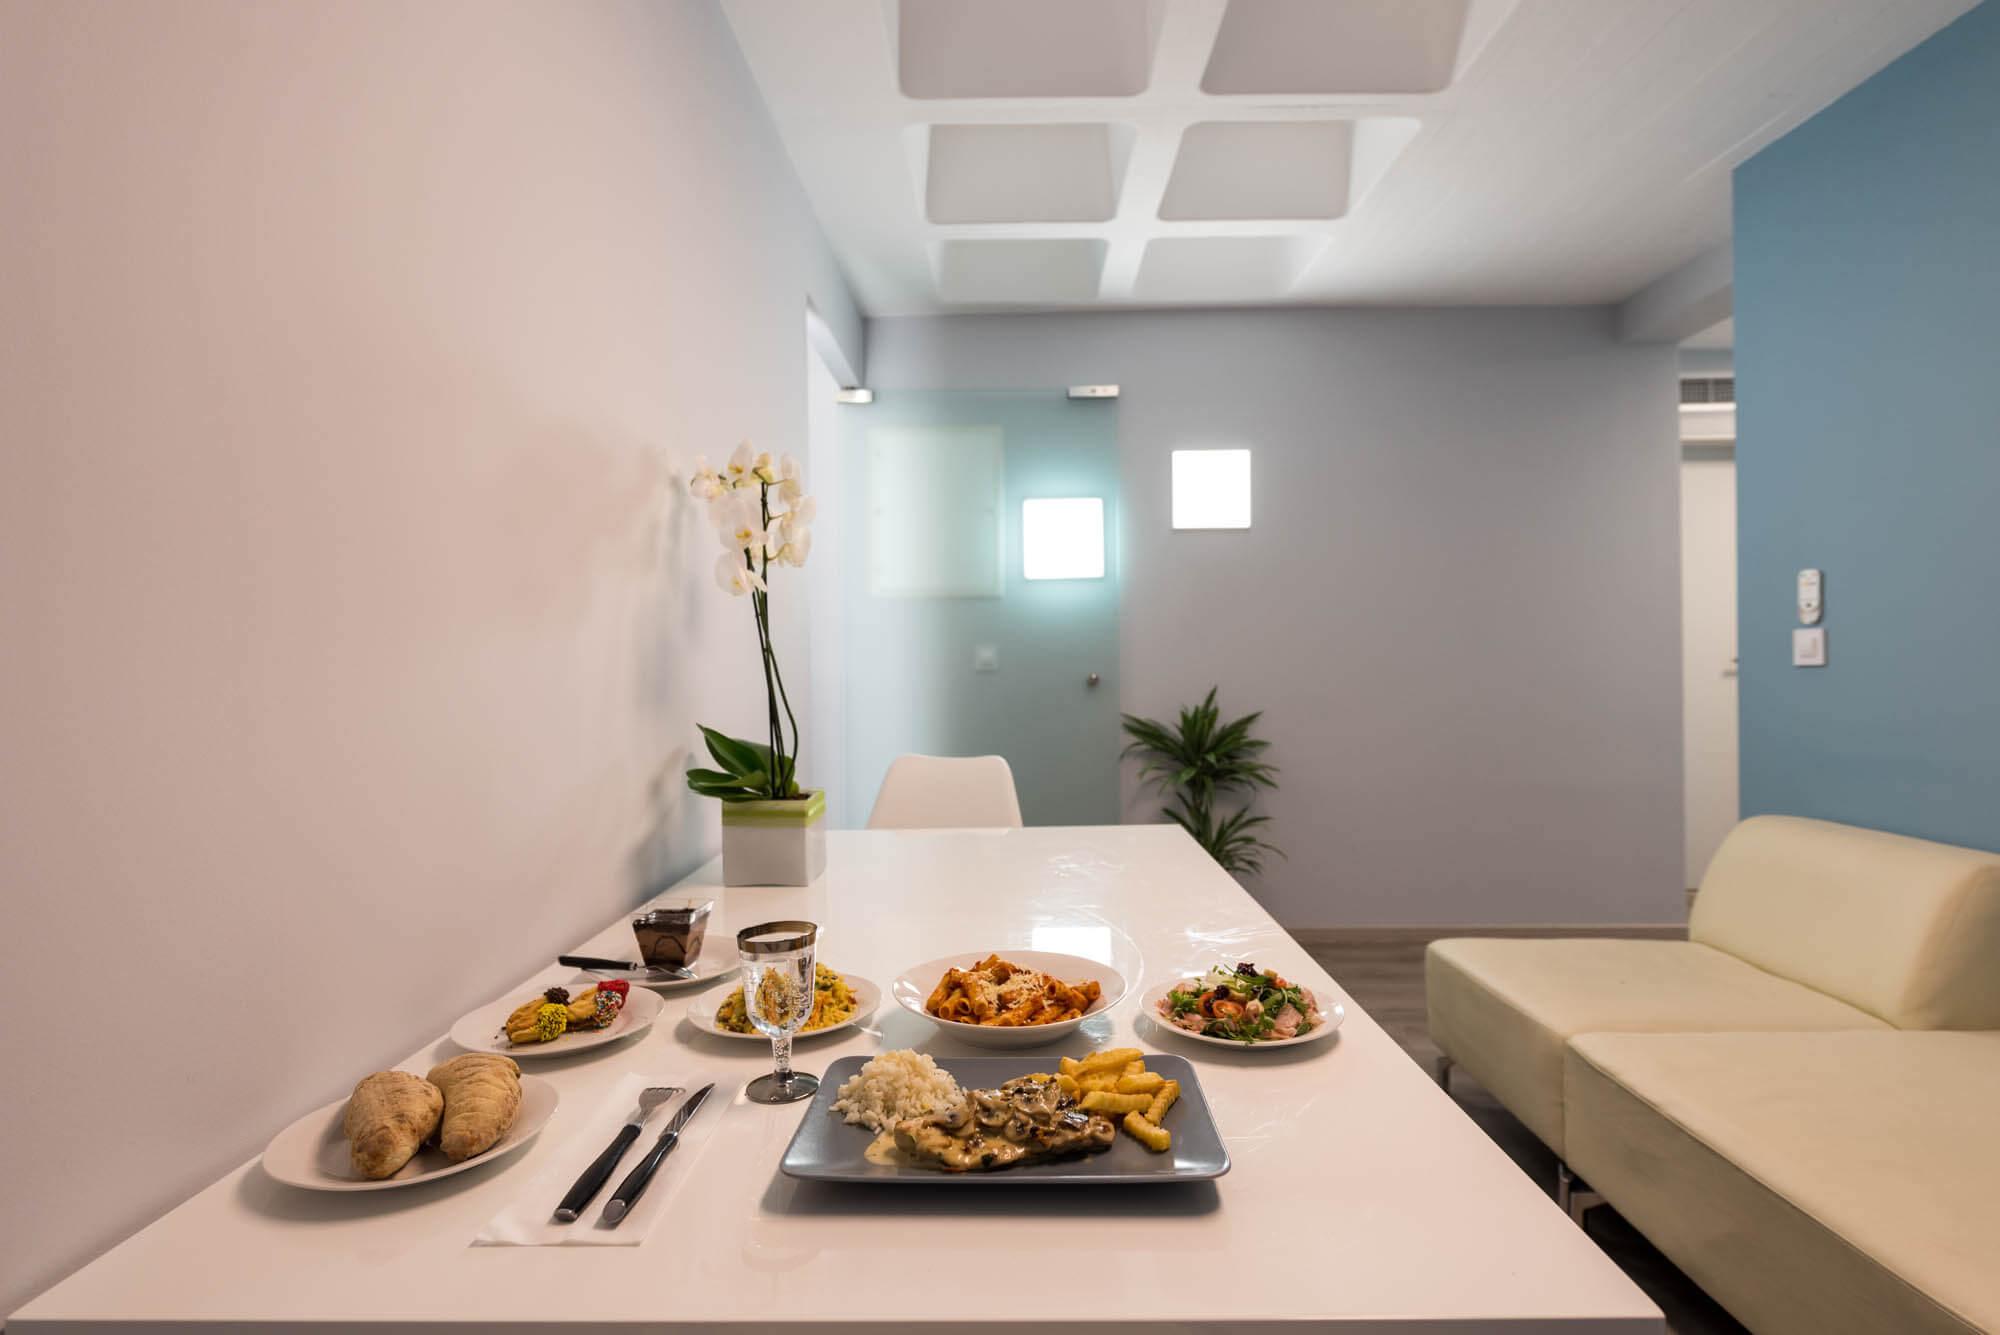 Τραπεζαρία & χώρος αναμονής Anastasakis Hair Clinic